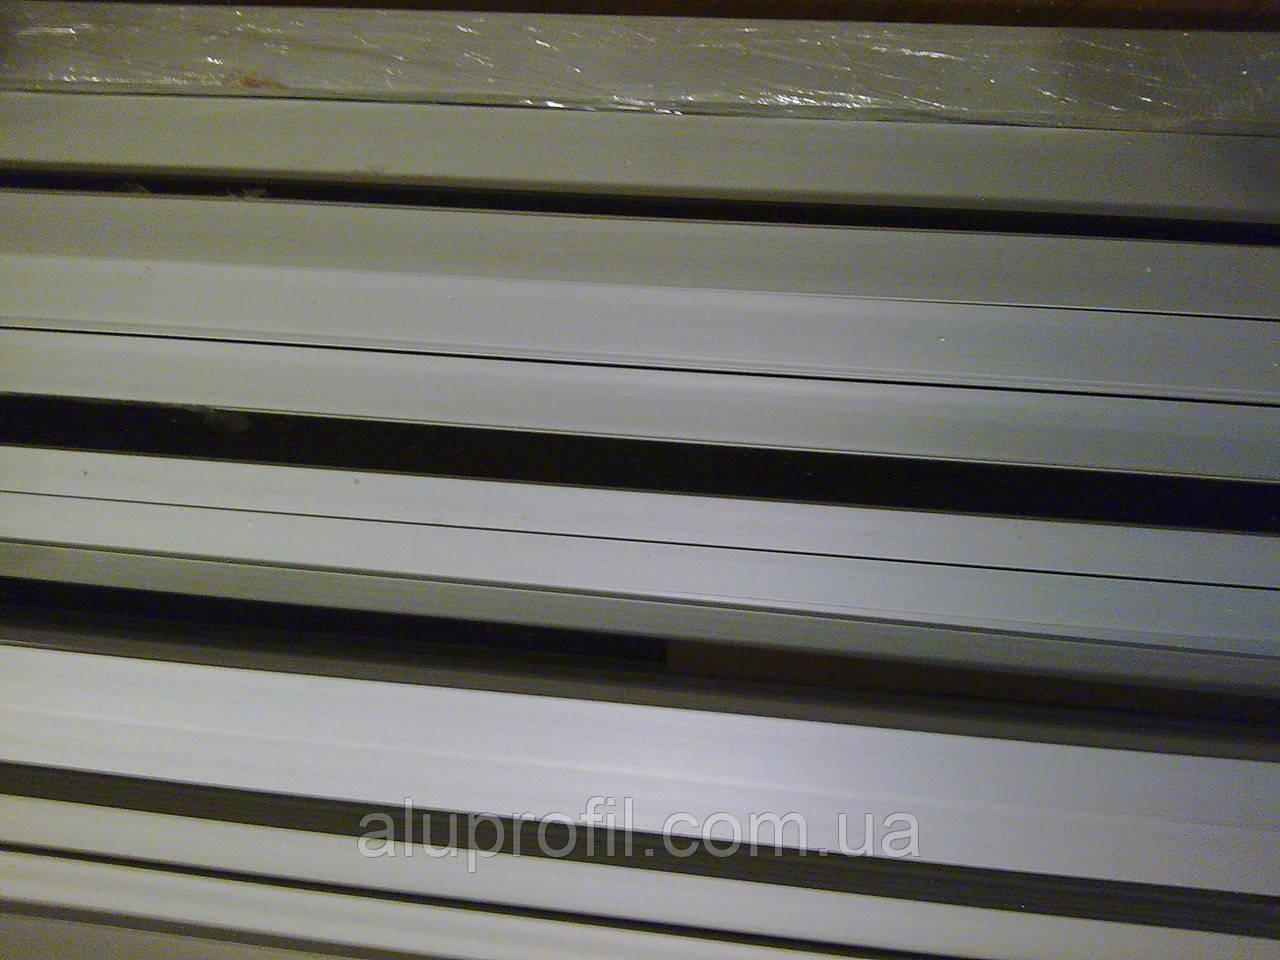 Алюминиевый профиль — полоса  размером 10х2